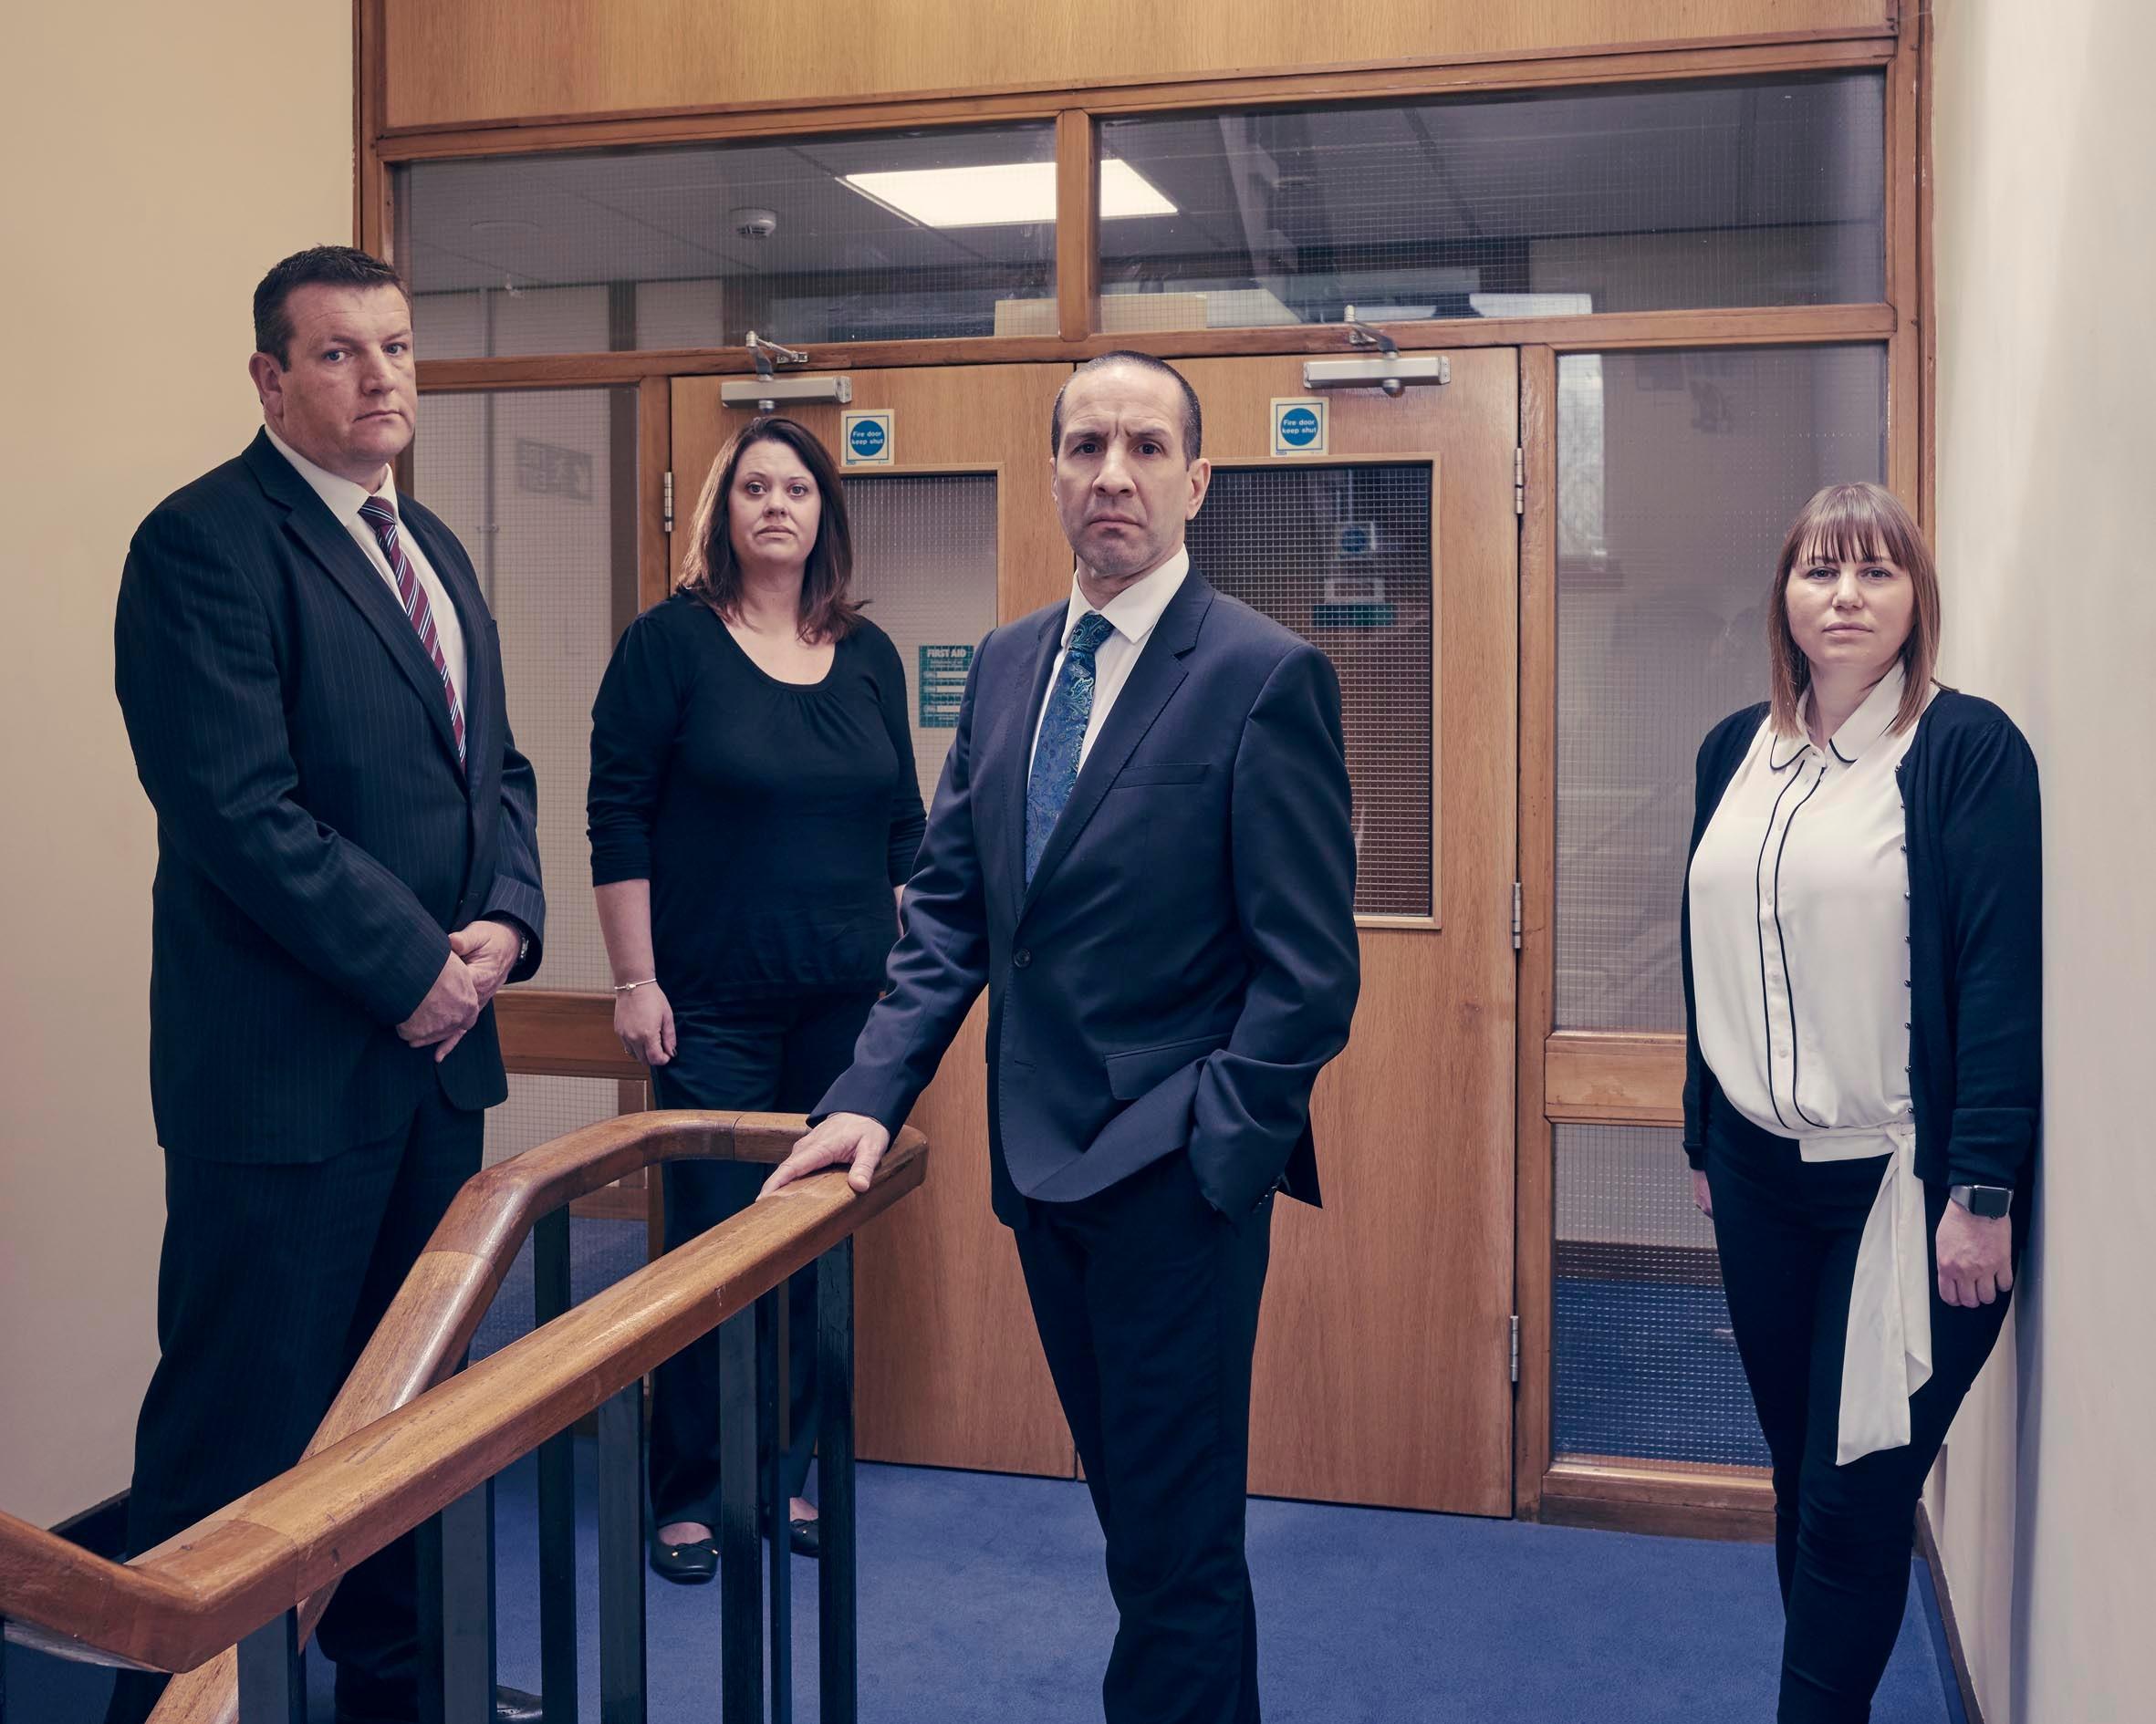 Deputy Stuart Blaik, Natalie Howard- Family Liaison Officer, Senior Investigating Officer Andy Shearwood and Steph Mason- Family Liaison Officer (Channel 4 images)